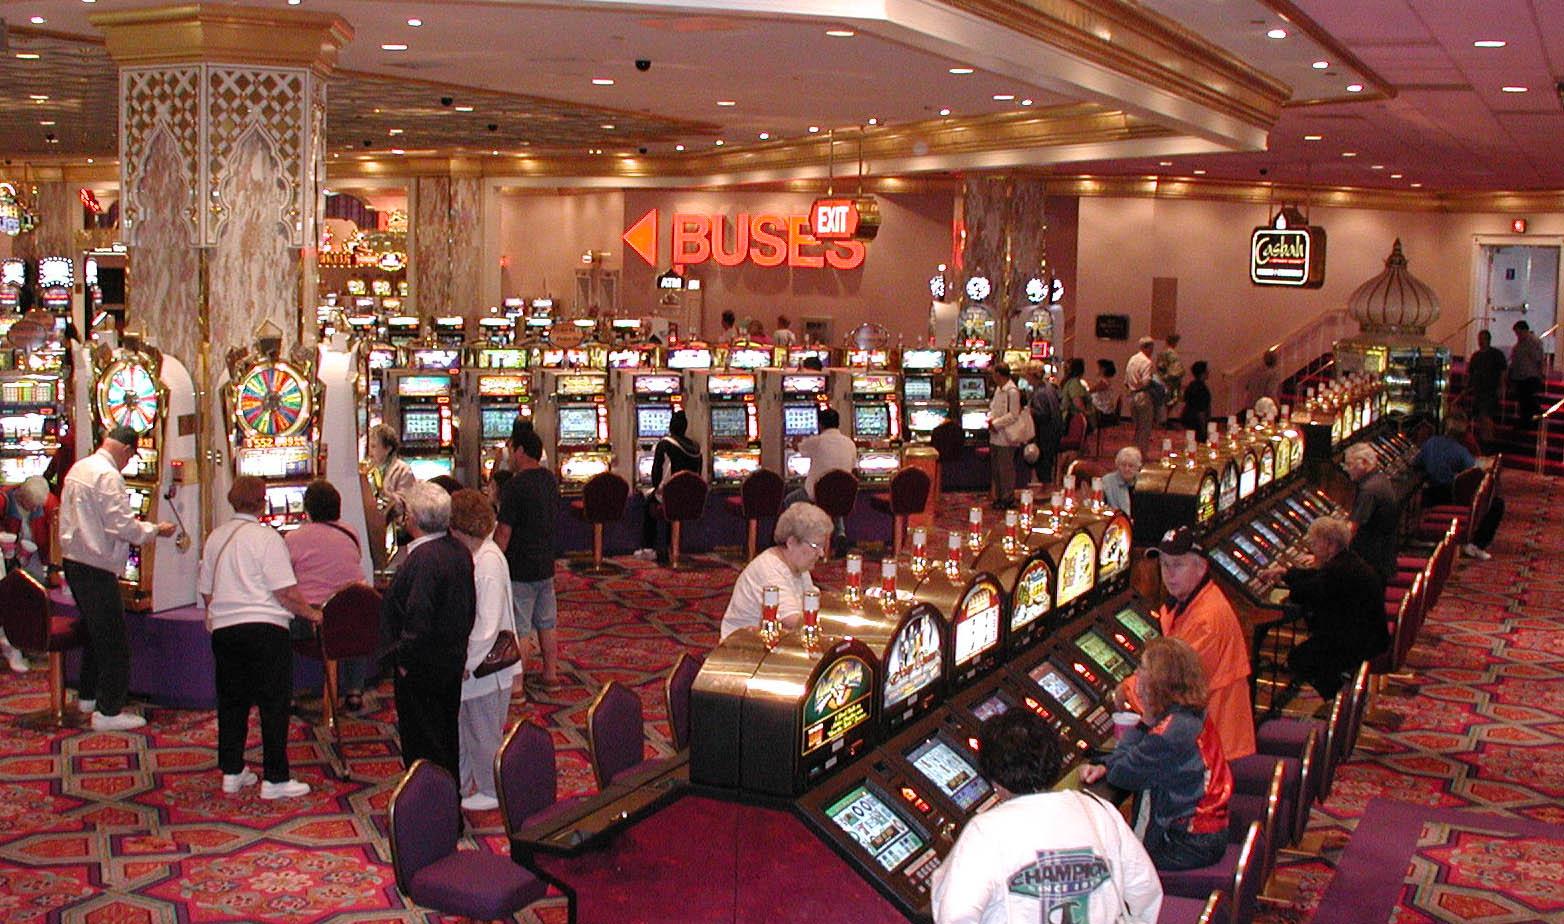 Se divertir avec les jeux casino